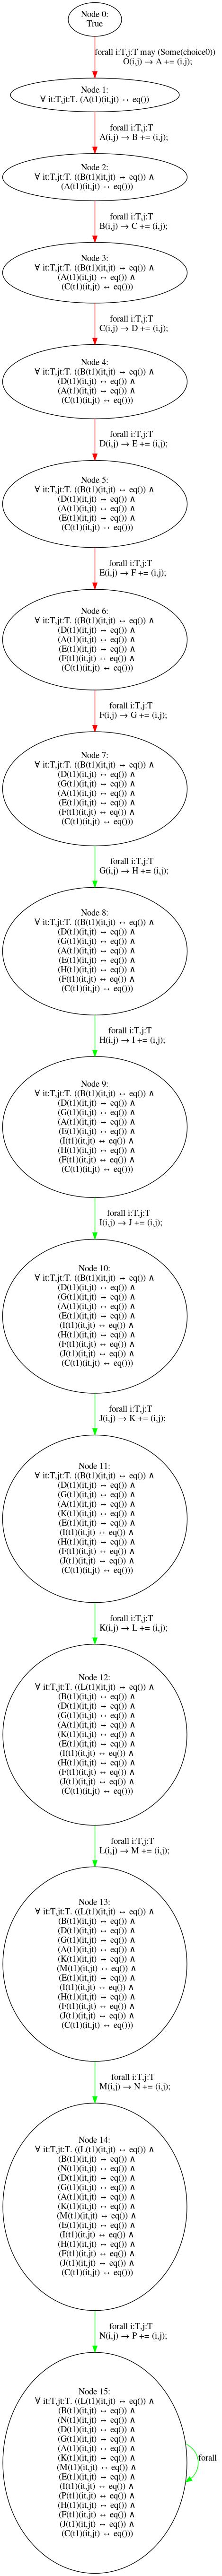 results/nonomitting/fixedarity15/fixedarity15_stubborn_alleq_9.png